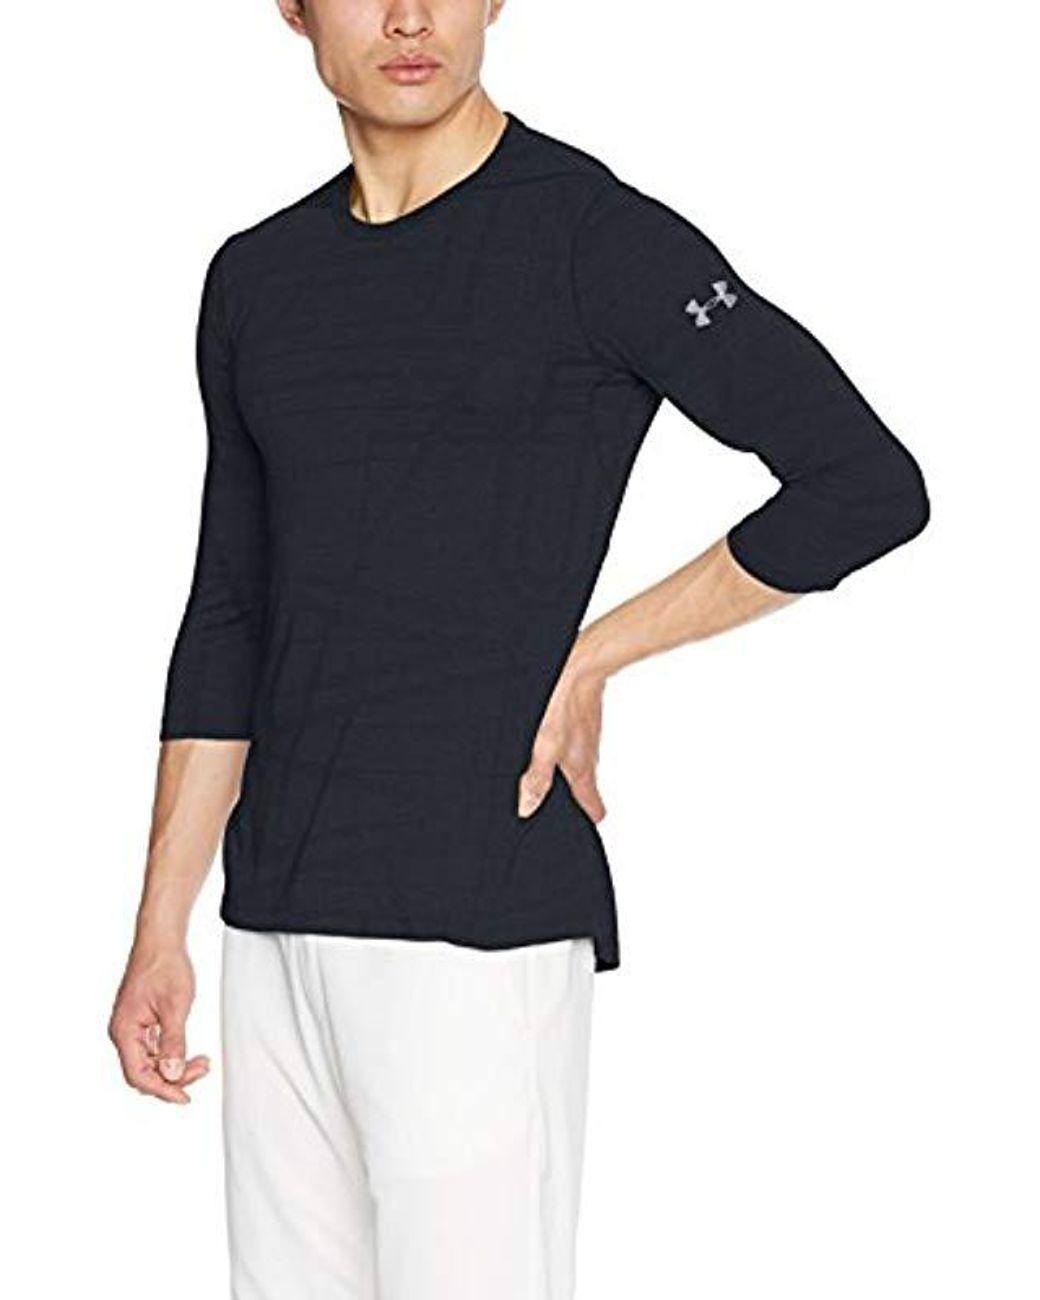 Mens Short-Sleeved Shirt Multi-Coloured Under Armour Mk1 SS EU SMU Mens 77-1323415